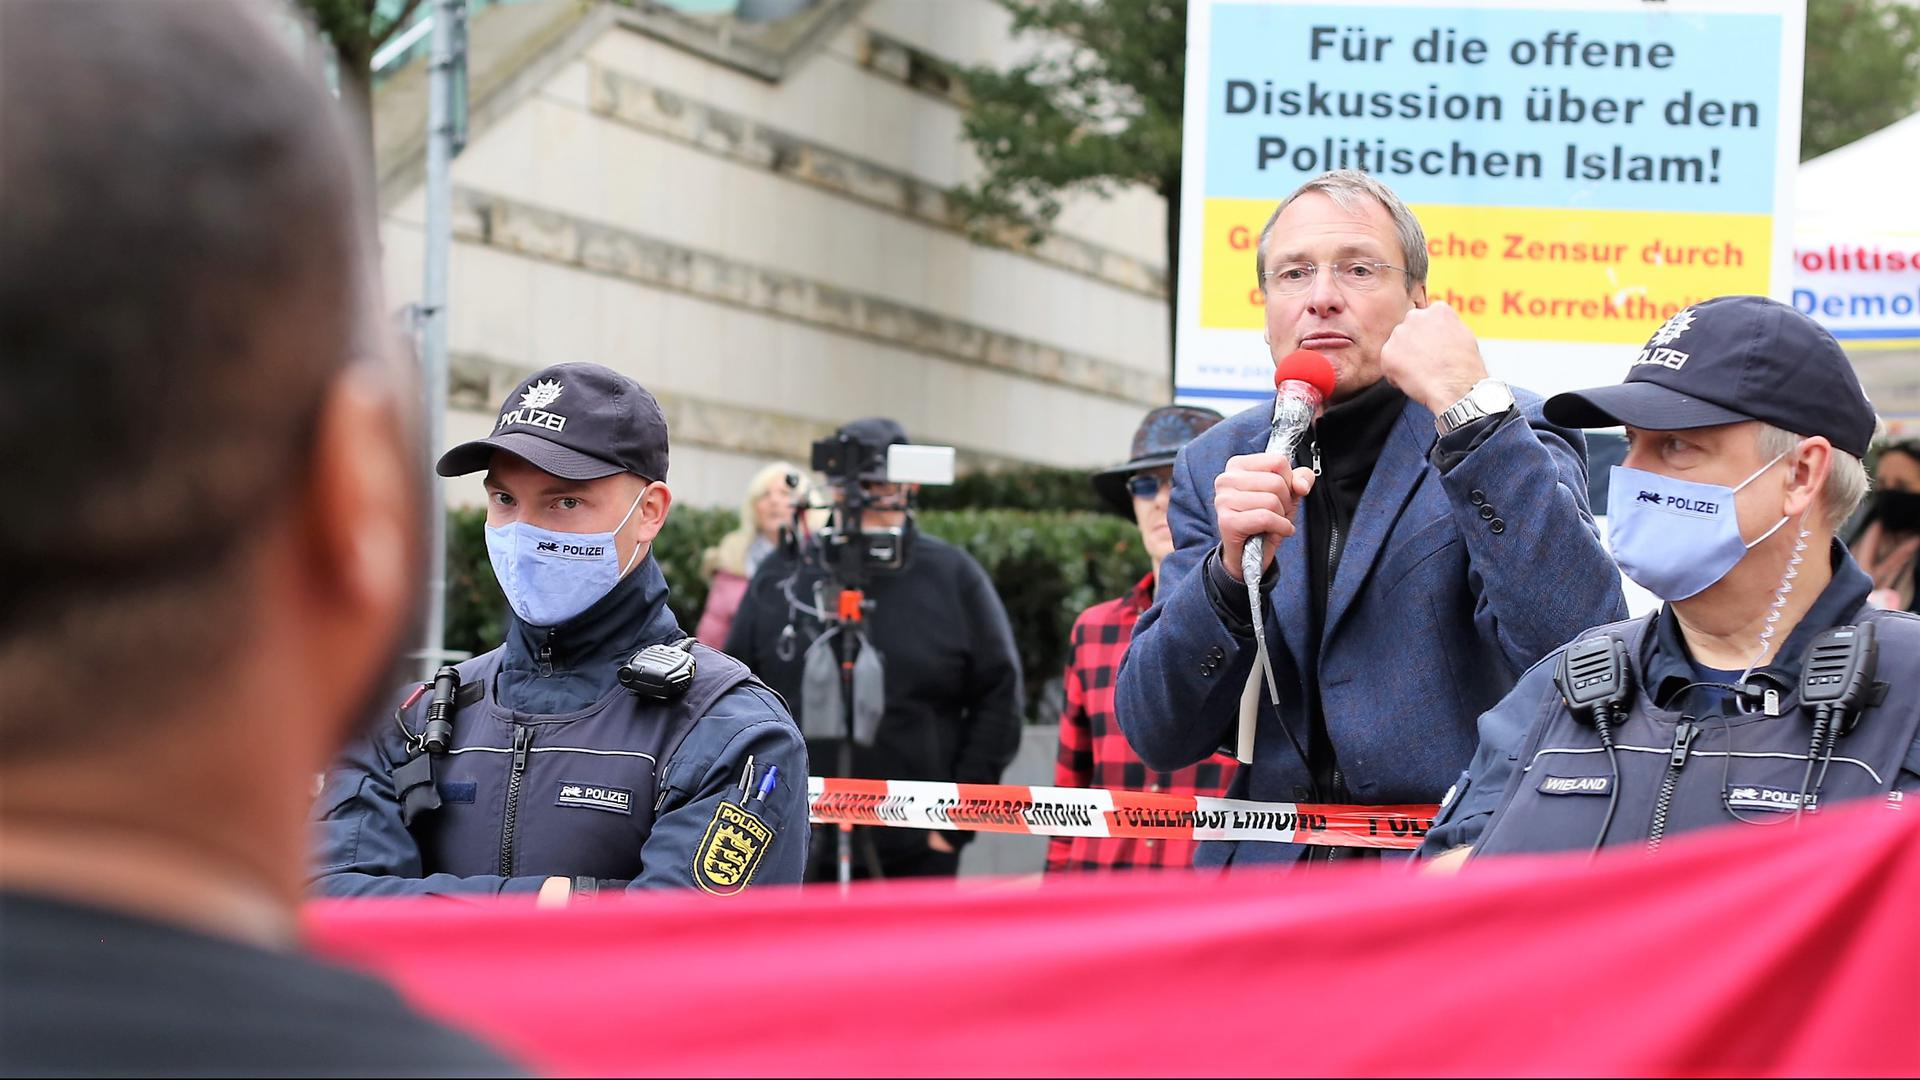 Dauererregt: Rechtspopulist Michael Stürzenberger macht am Samstag Stimmung gegen den Islam mit einer Dauerkundgebung bei der Schlössle-Galerie . Hier ist der Pegida-Frontmann in einem Wortgefecht mit einem muslimischen Bürger.